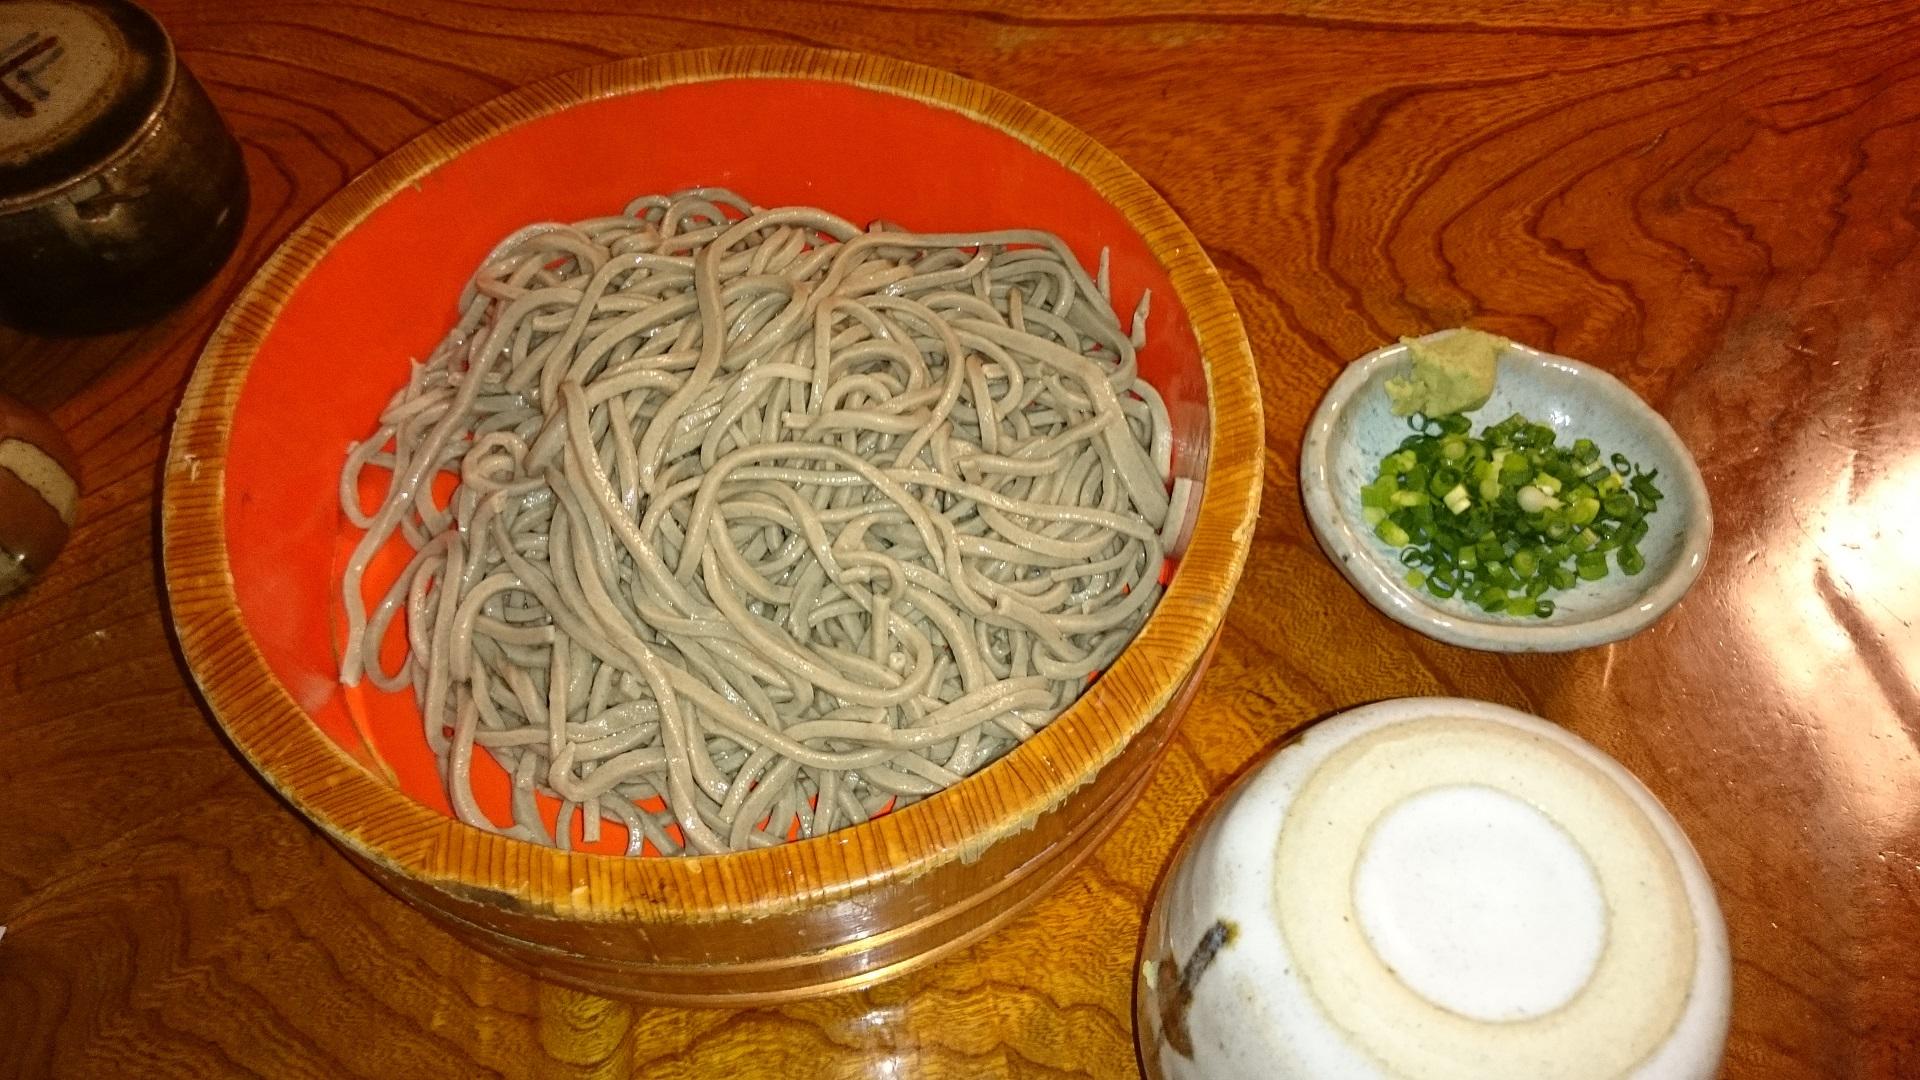 昭和初期の日本にタイムスリップ「手打ちそば 一茶庵」(市川市)